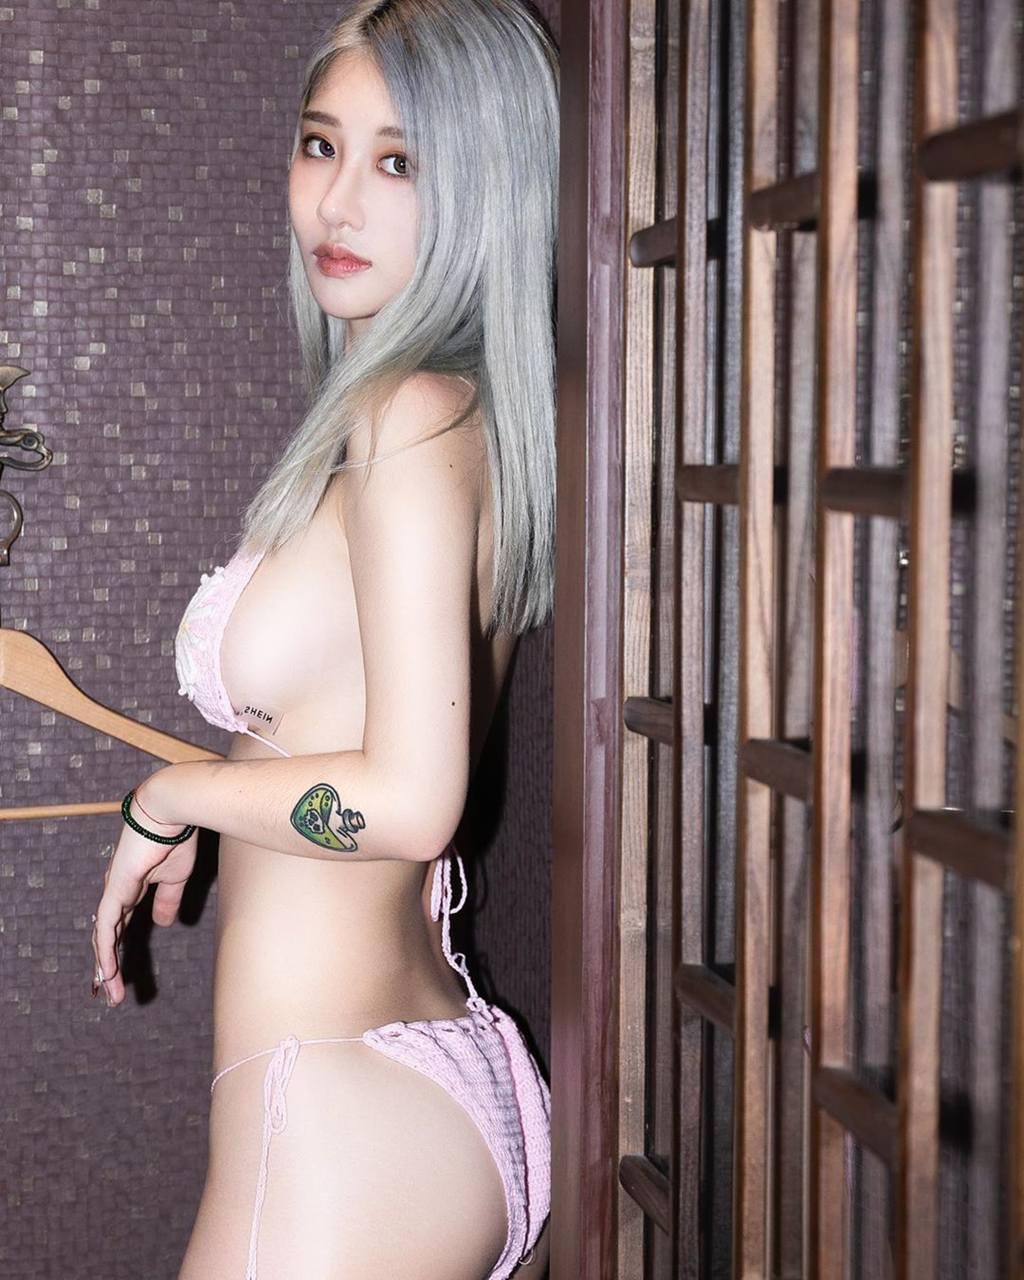 美麗妄娜誠意滿滿,各款式泳裝試穿無極限(翻攝至美麗妄娜YouTube)